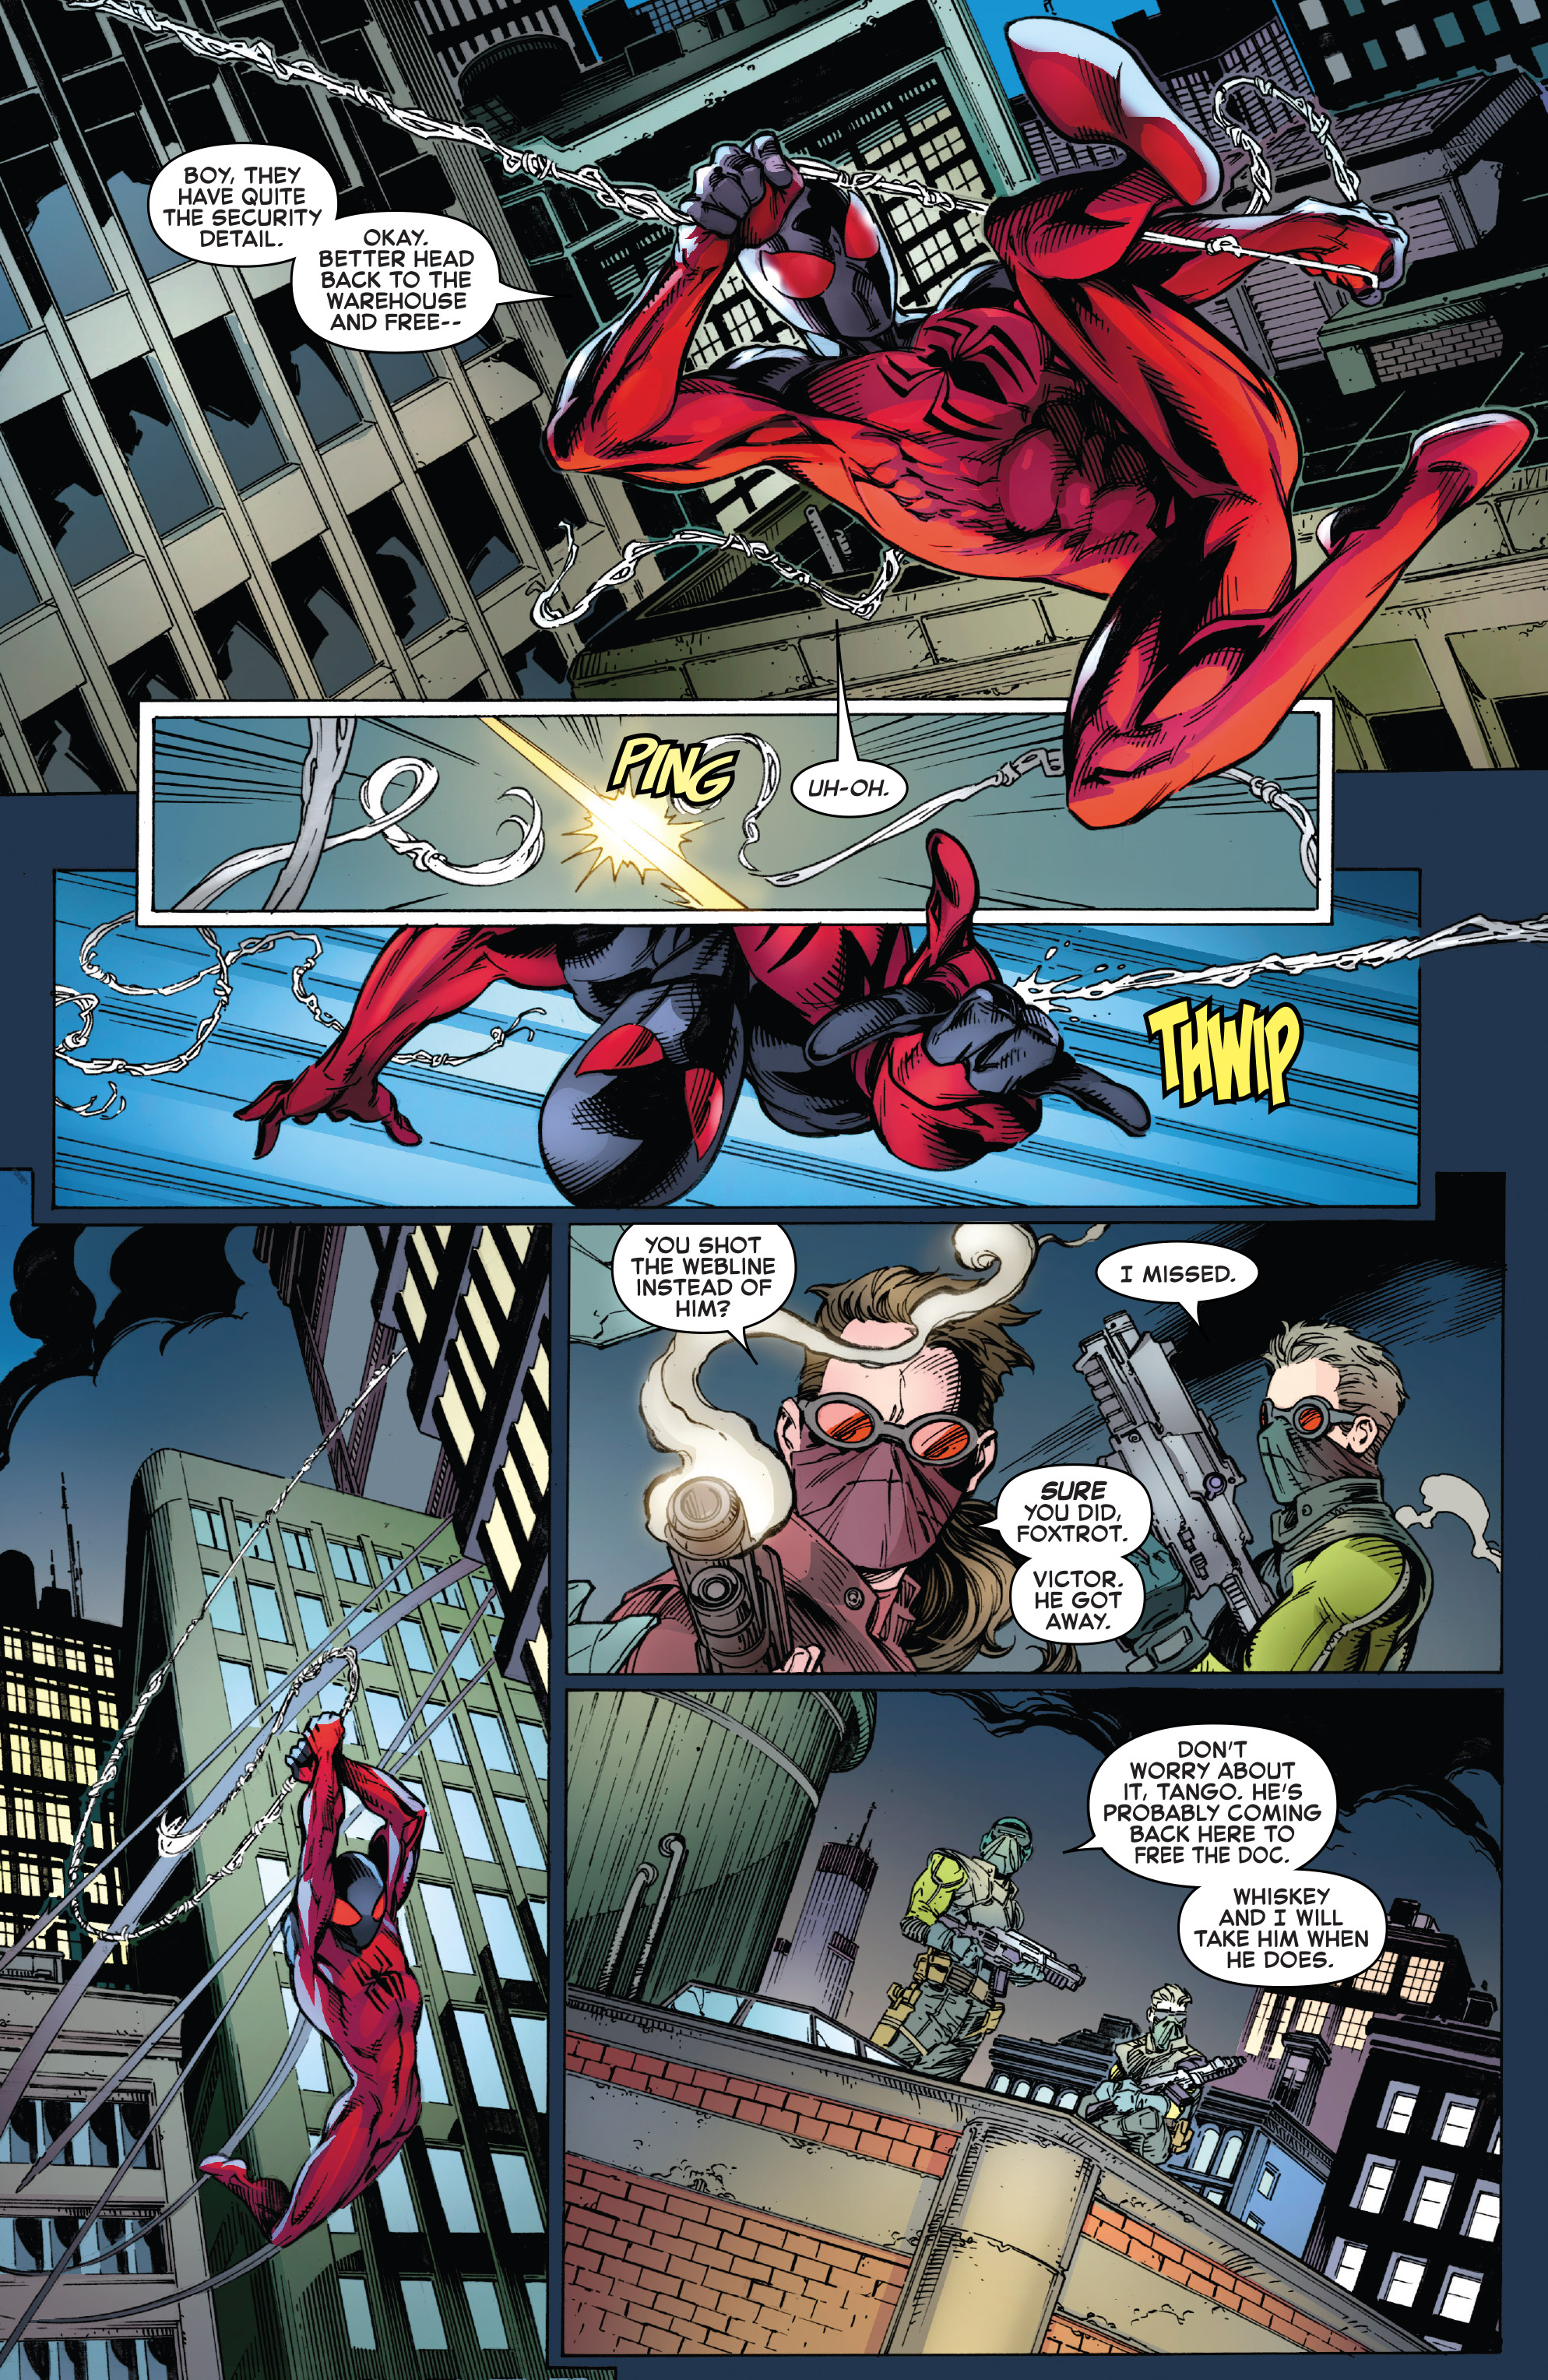 Read online Ben Reilly: Scarlet Spider comic -  Issue #3 - 6